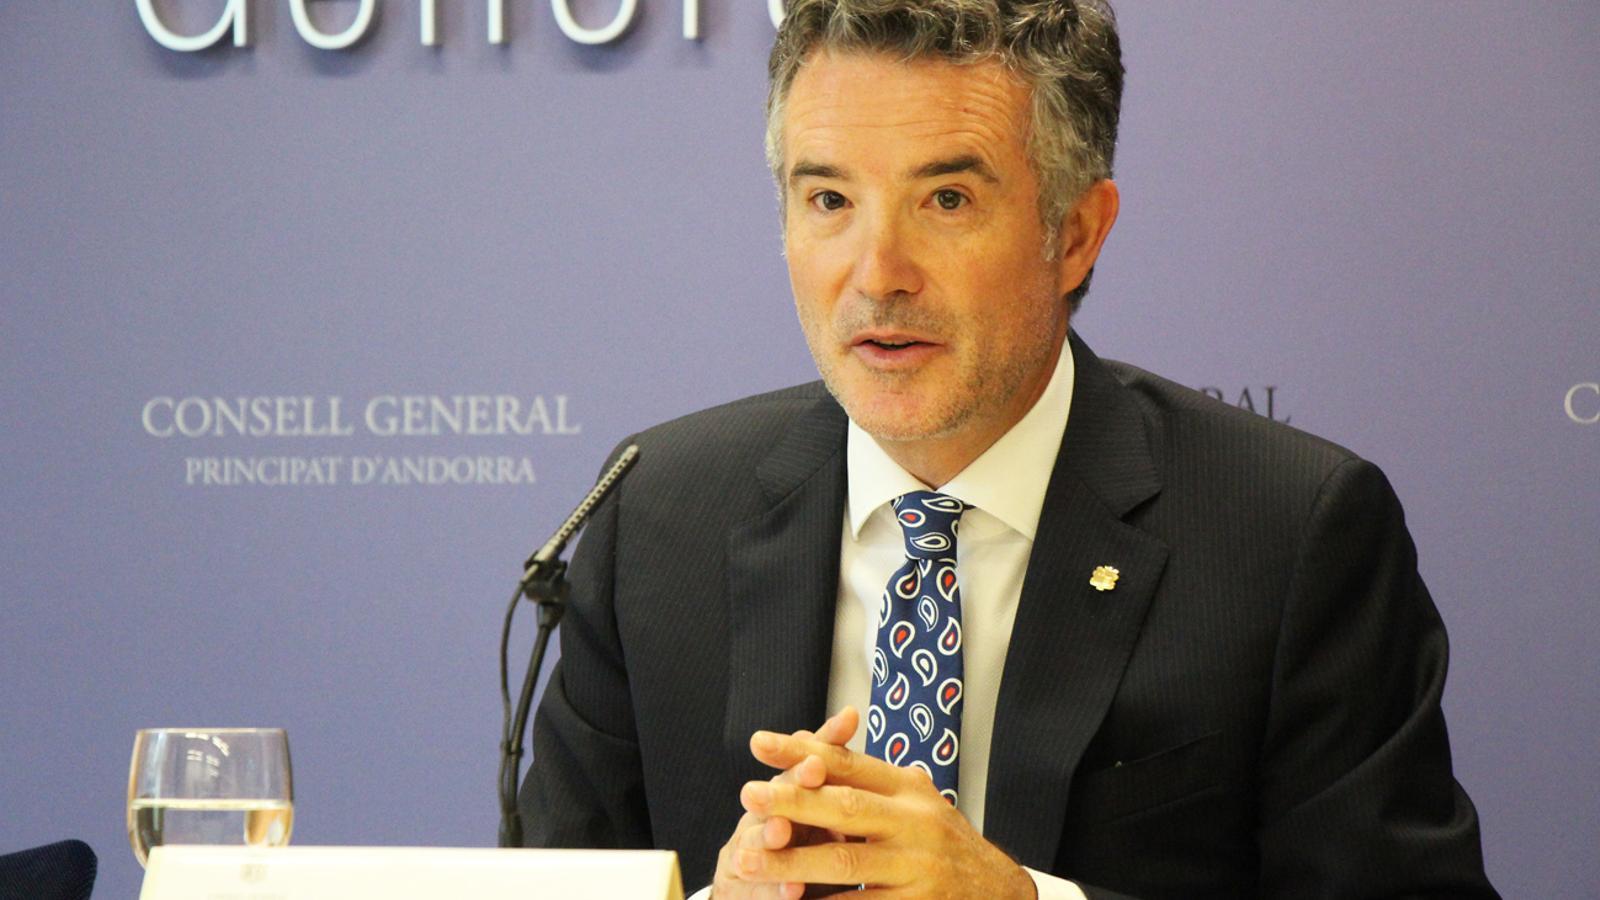 El síndic general, Vicenç Mateu, durant la presentació del Premi d'Innovació Educativa. / C.B. (ANA)